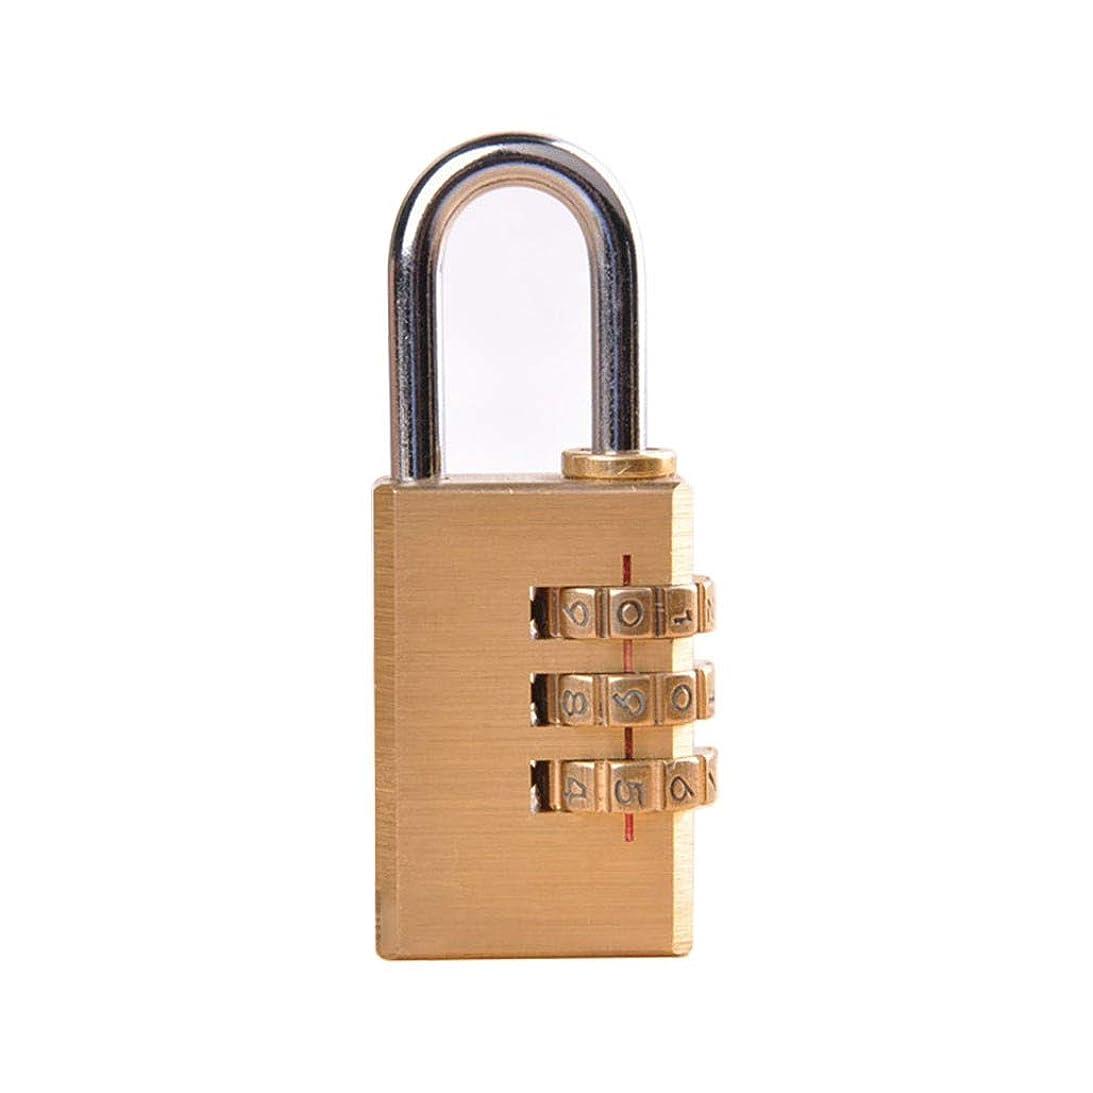 行列サスティーンシネマポータブルコンビネーションパスワード南京錠、銅コードロック3桁デジタル盗難防止防水真鍮南京錠、屋内と屋外に適した